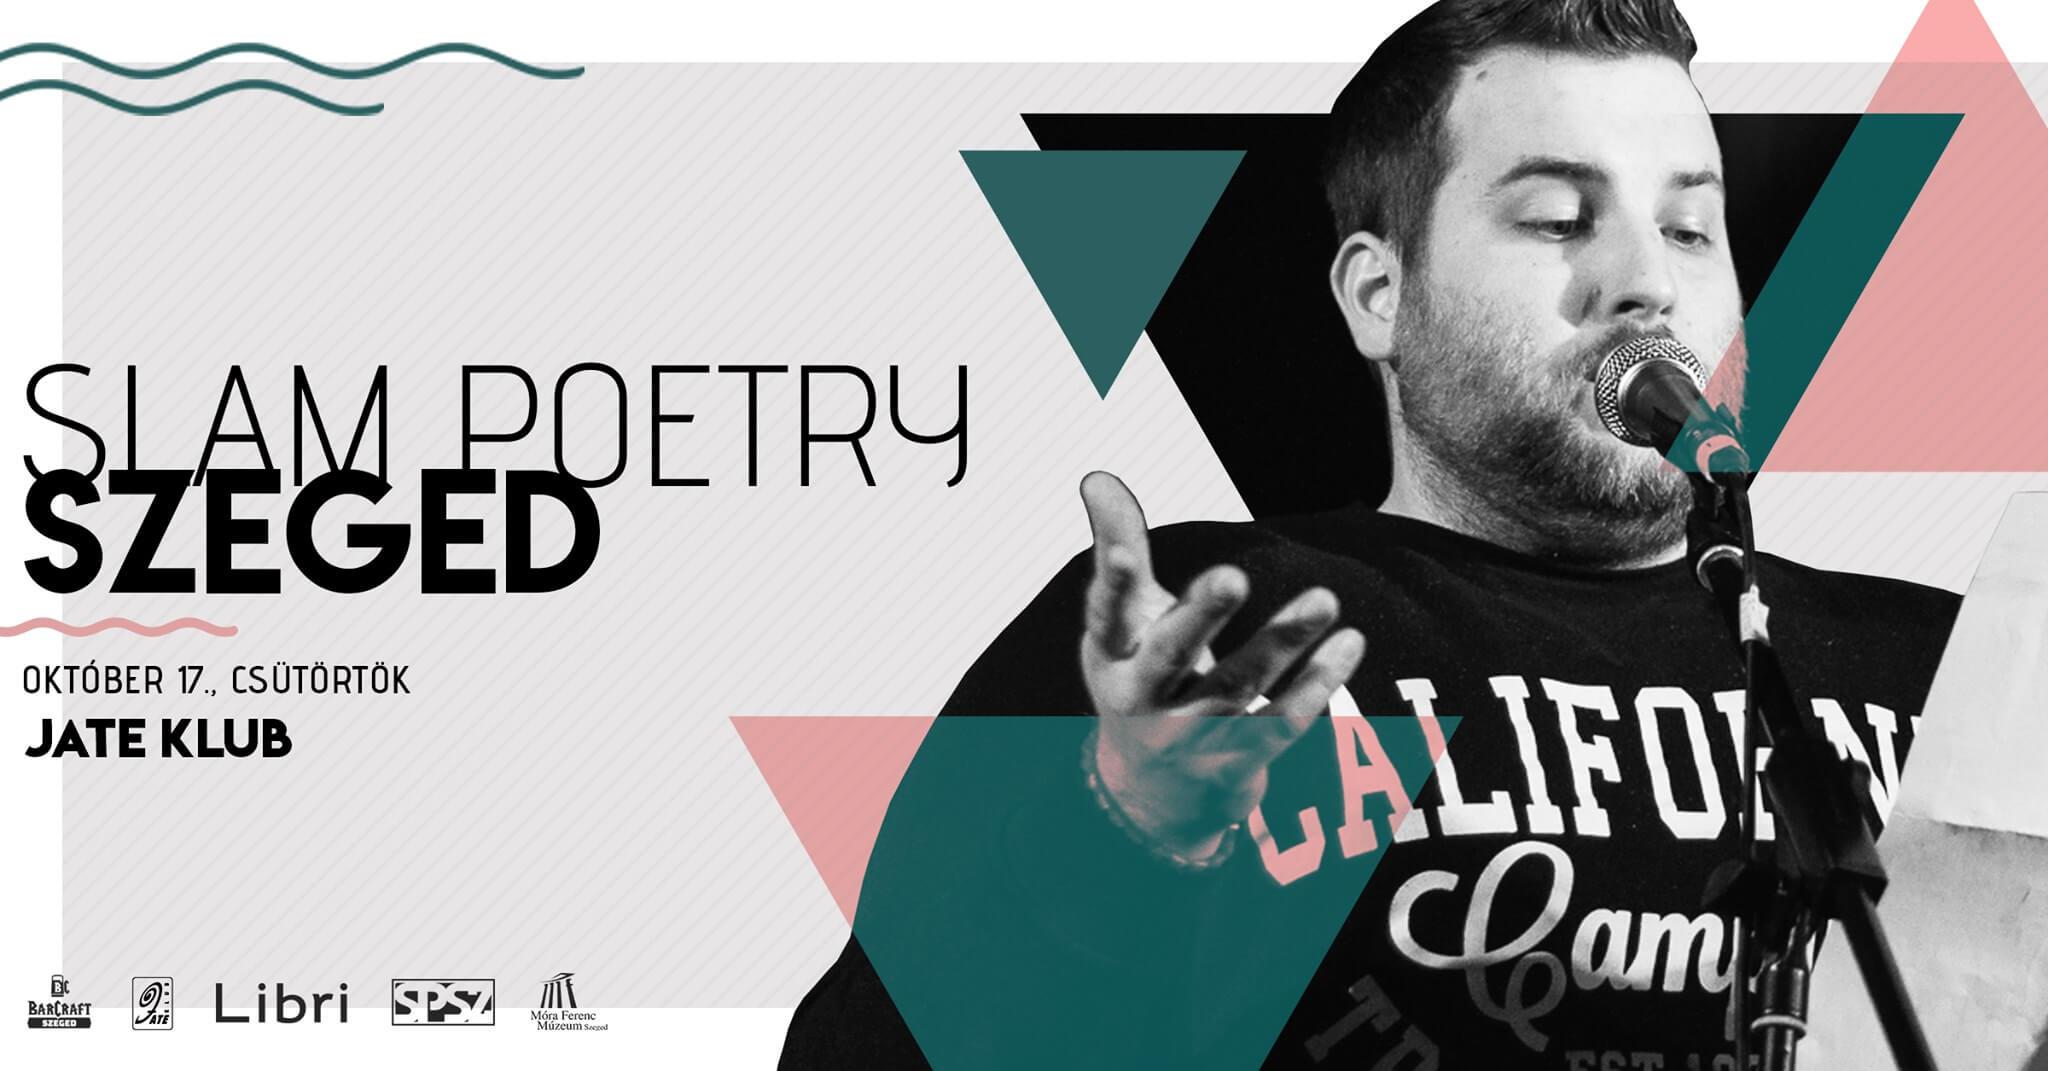 Slam Poetry Szeged – Októberi Klub @JATE